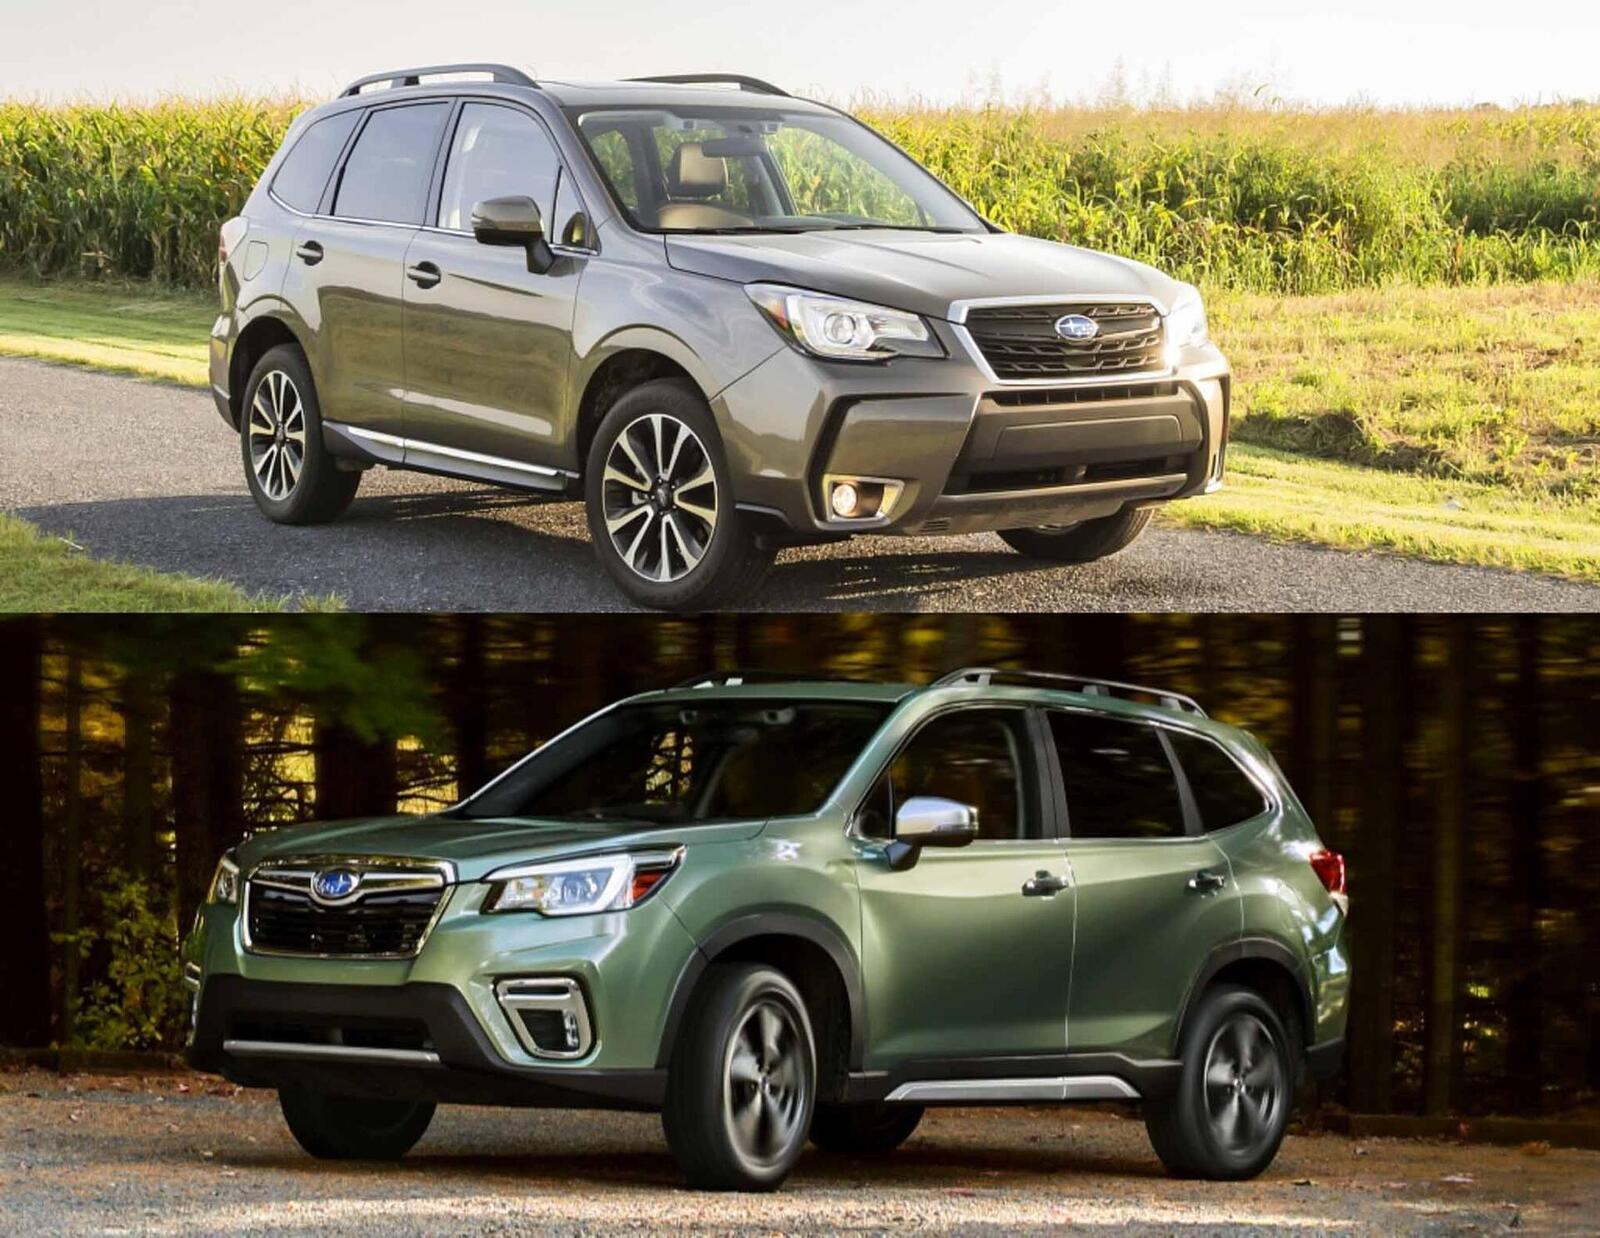 Sự khác biệt giữa Subaru Forester thế hệ mới và cũ - Hình 1